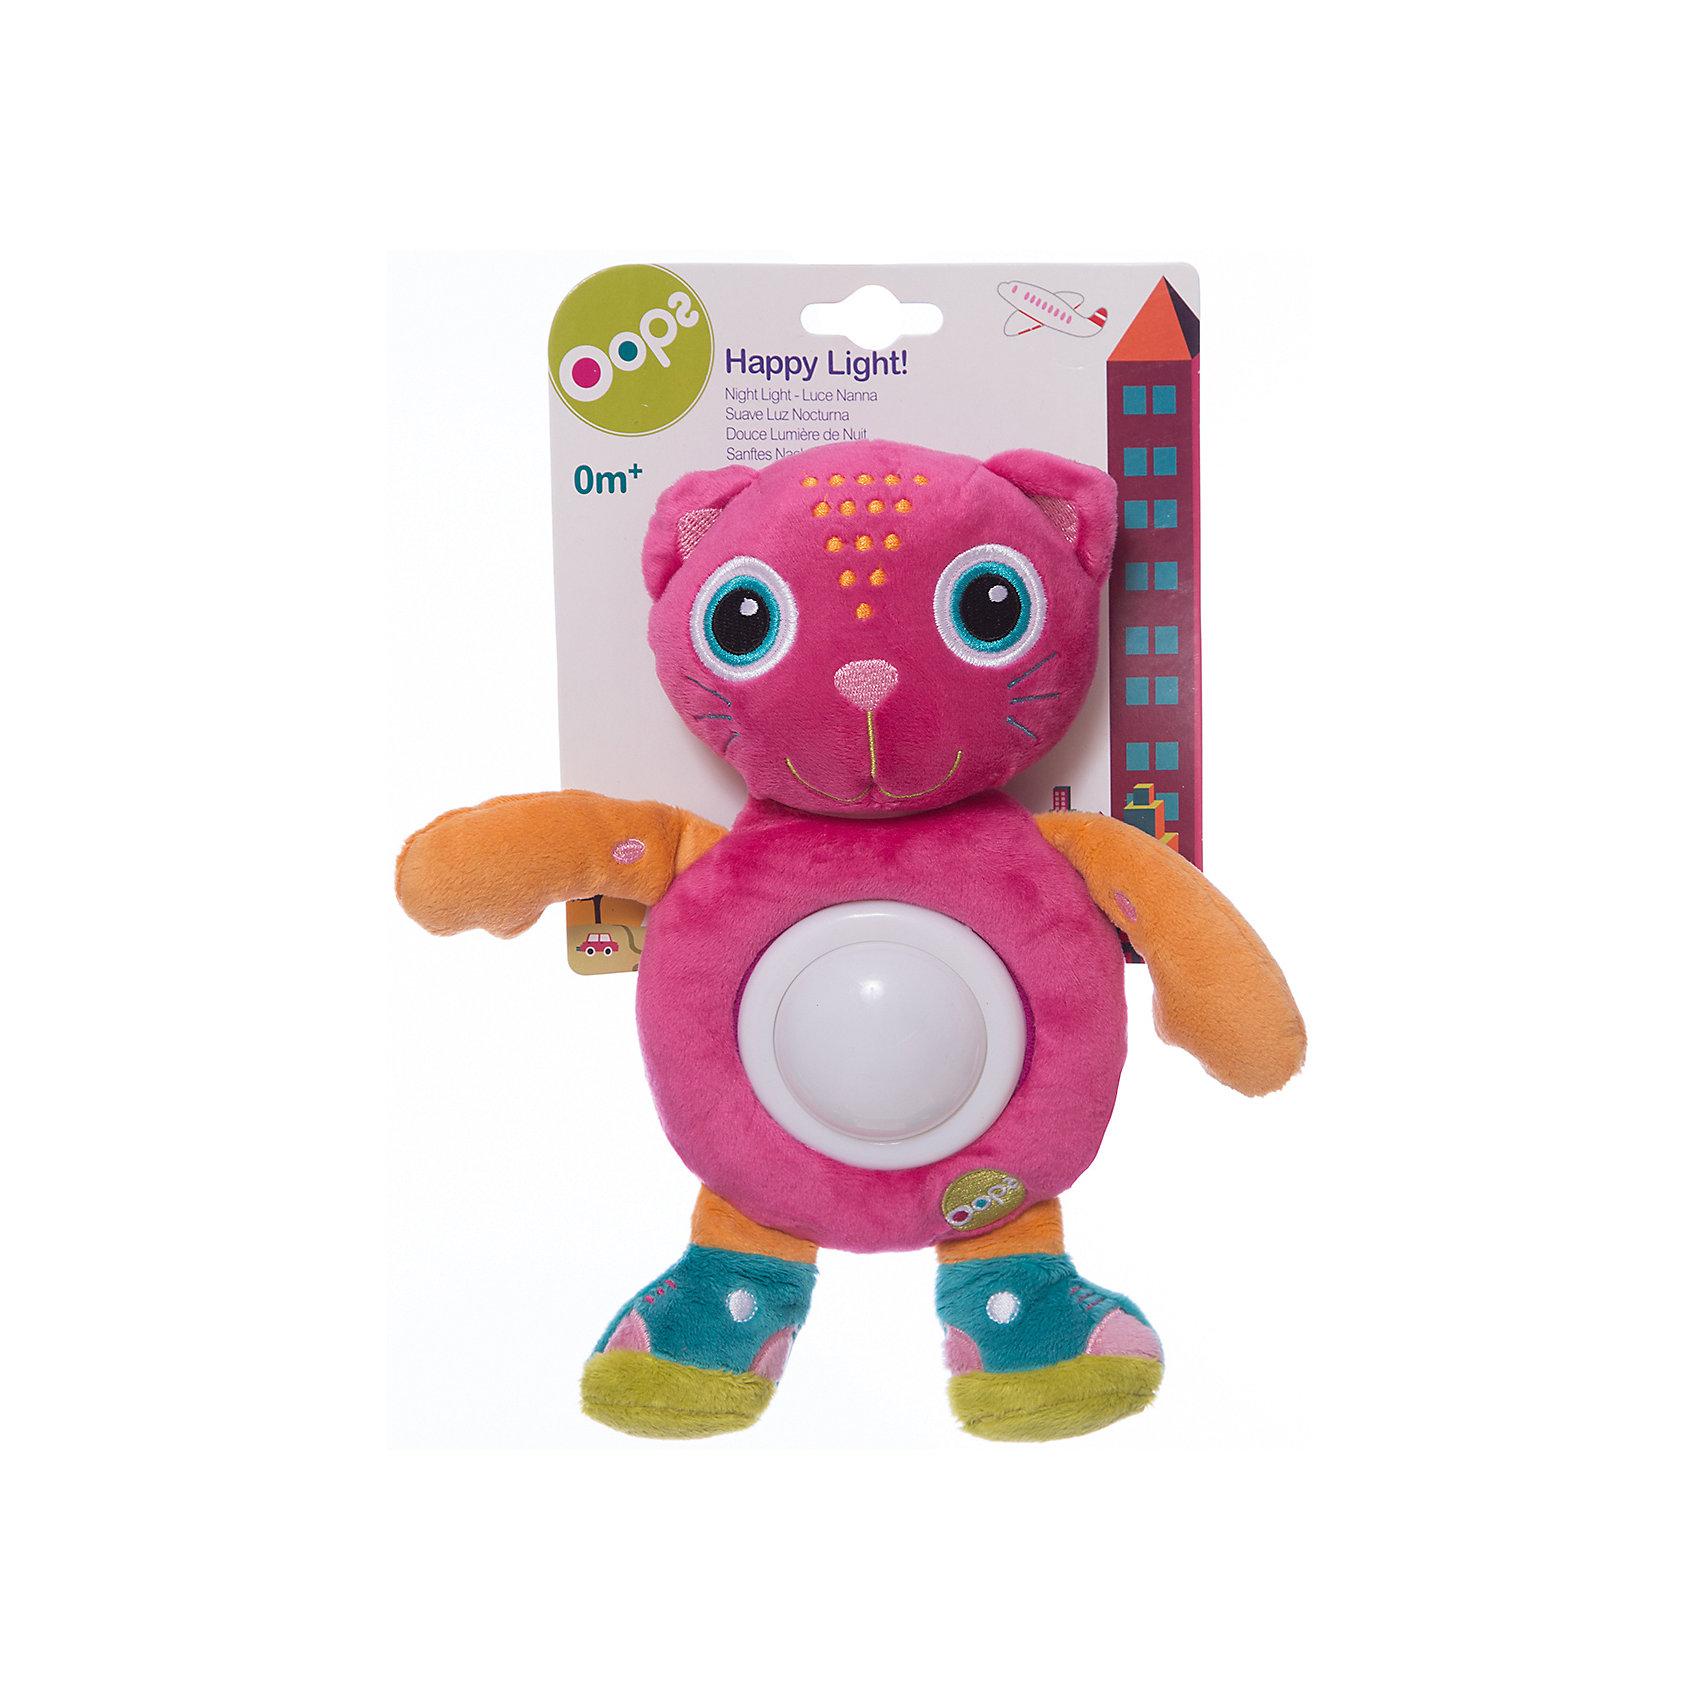 Игрушка-ночник Кошка, OopsНочники и проекторы<br>Характеристики игрушки-ночника Кошка:<br><br>- тип ночника: детский<br>- год выпуска: 2015<br>- назначение: освещение детских комнат<br>- крепление: настольное<br>- количество ламп: 1 шт.<br>- материал плафона: пластик<br>- тип выключателя: механический<br>- размеры: 20  * 25 * 6  см <br>- размер упаковки (дхшхв): 20* 18 * 5 см <br>- вес в упаковке: 110 г<br>- электропитание: 2 ААА<br>- форм-фактор батареи: AAA (LR03)<br>- количество элементов питания: 2 шт.<br>- комплектация ночник: 3 батарейки АА<br>- вес в упаковке: 105 г<br>- производитель: Oops (Китай).<br><br>Игрушка-ночник Кошка швейцарской торговой марки Oops (Упс)  - это очаровательная кошечка, которая будет охранять сон ребёнка, и освещать детскую комнату приятным мягким светом. Игрушка - ночник Кошка имеет яркий и стильный дизайн, выполнена в приятном сочетании разных расцветок тканей из высококачественных материалов. Приятная для тактильных ощущений игрушка, несомненно, понравится ребёнку. В ночное время её можно использовать в качестве ночника, который включается лёгким нажатие на животик кошечки и меняет цвет освещения от зеленого до красного, синего и желтого. Ребёнку будет интересно наблюдать за такими волшебными изменениями.<br><br>Игрушка-ночник Кошка торговой марки Oops (Упс)  торговой марки Oops можно купить в нашем интернет-магазине.<br><br>Ширина мм: 160<br>Глубина мм: 60<br>Высота мм: 270<br>Вес г: 225<br>Возраст от месяцев: 24<br>Возраст до месяцев: 60<br>Пол: Унисекс<br>Возраст: Детский<br>SKU: 5146697